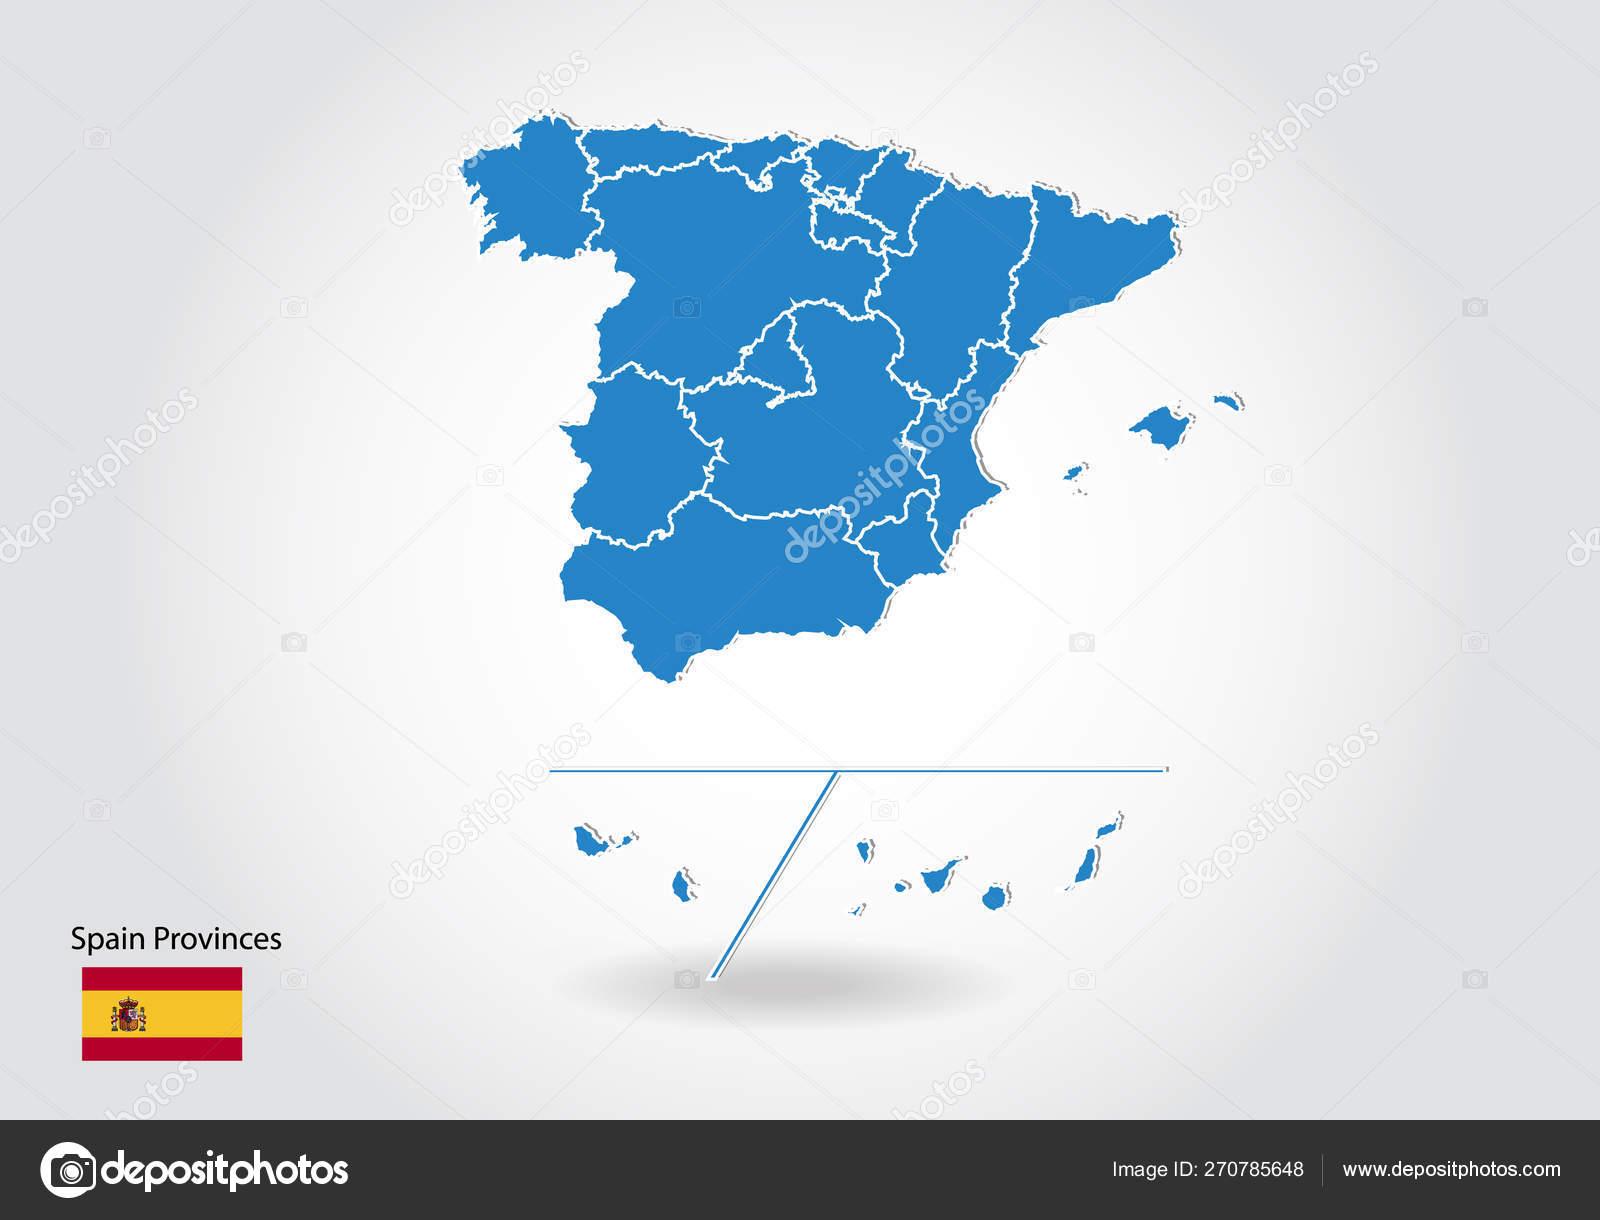 Mapa España Provincias Blanco.Diseno De Mapas De Las Provincias De Espana Con Estilo 3d